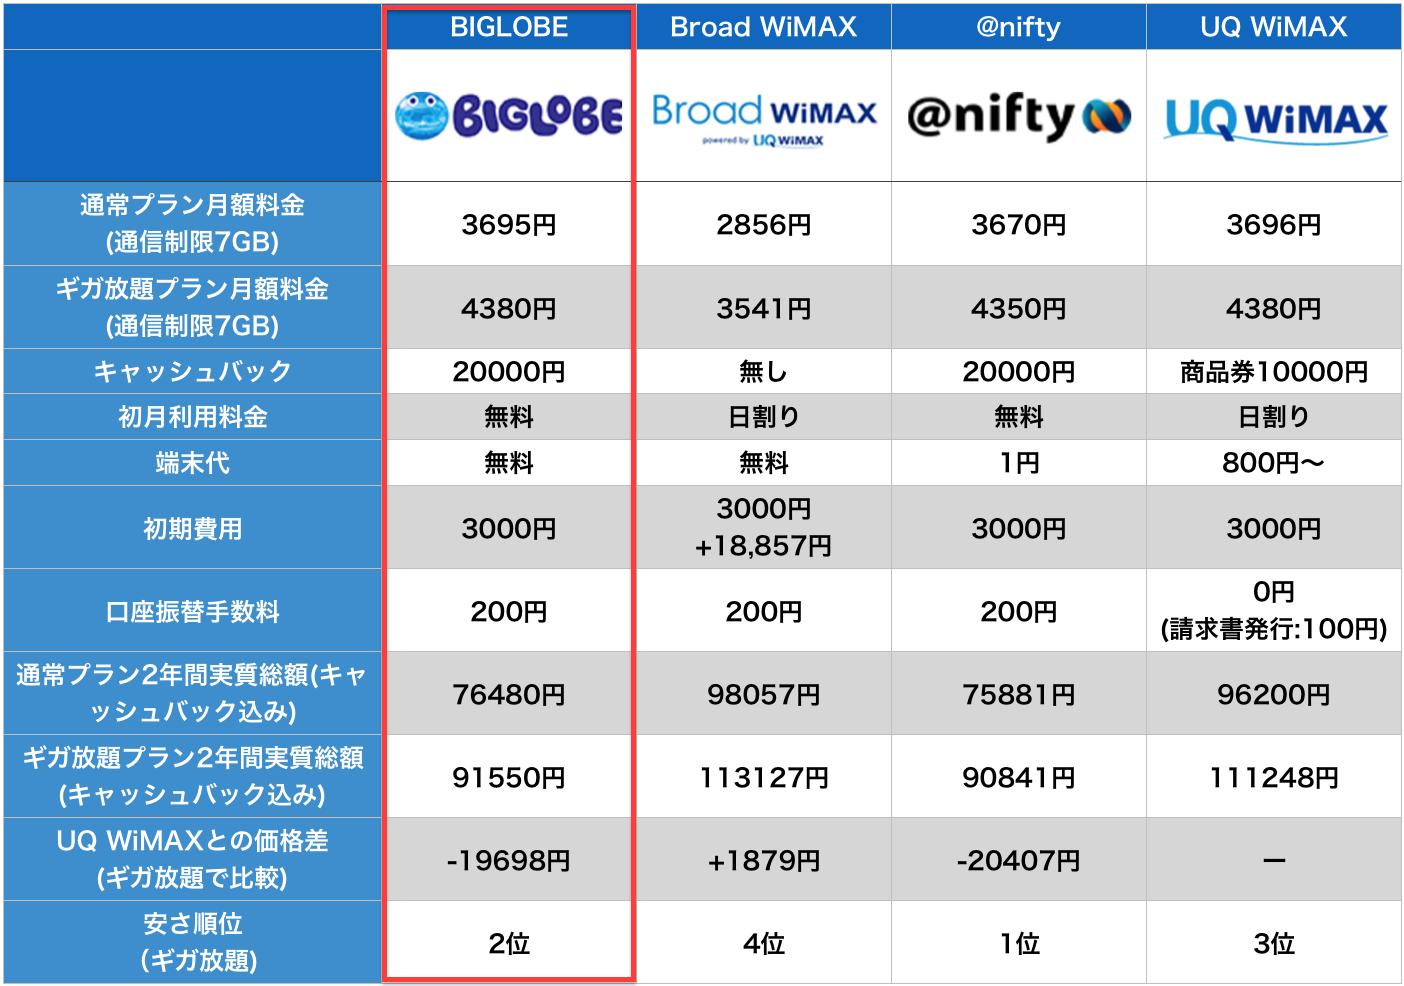 WiMAX 口座振替 比較表